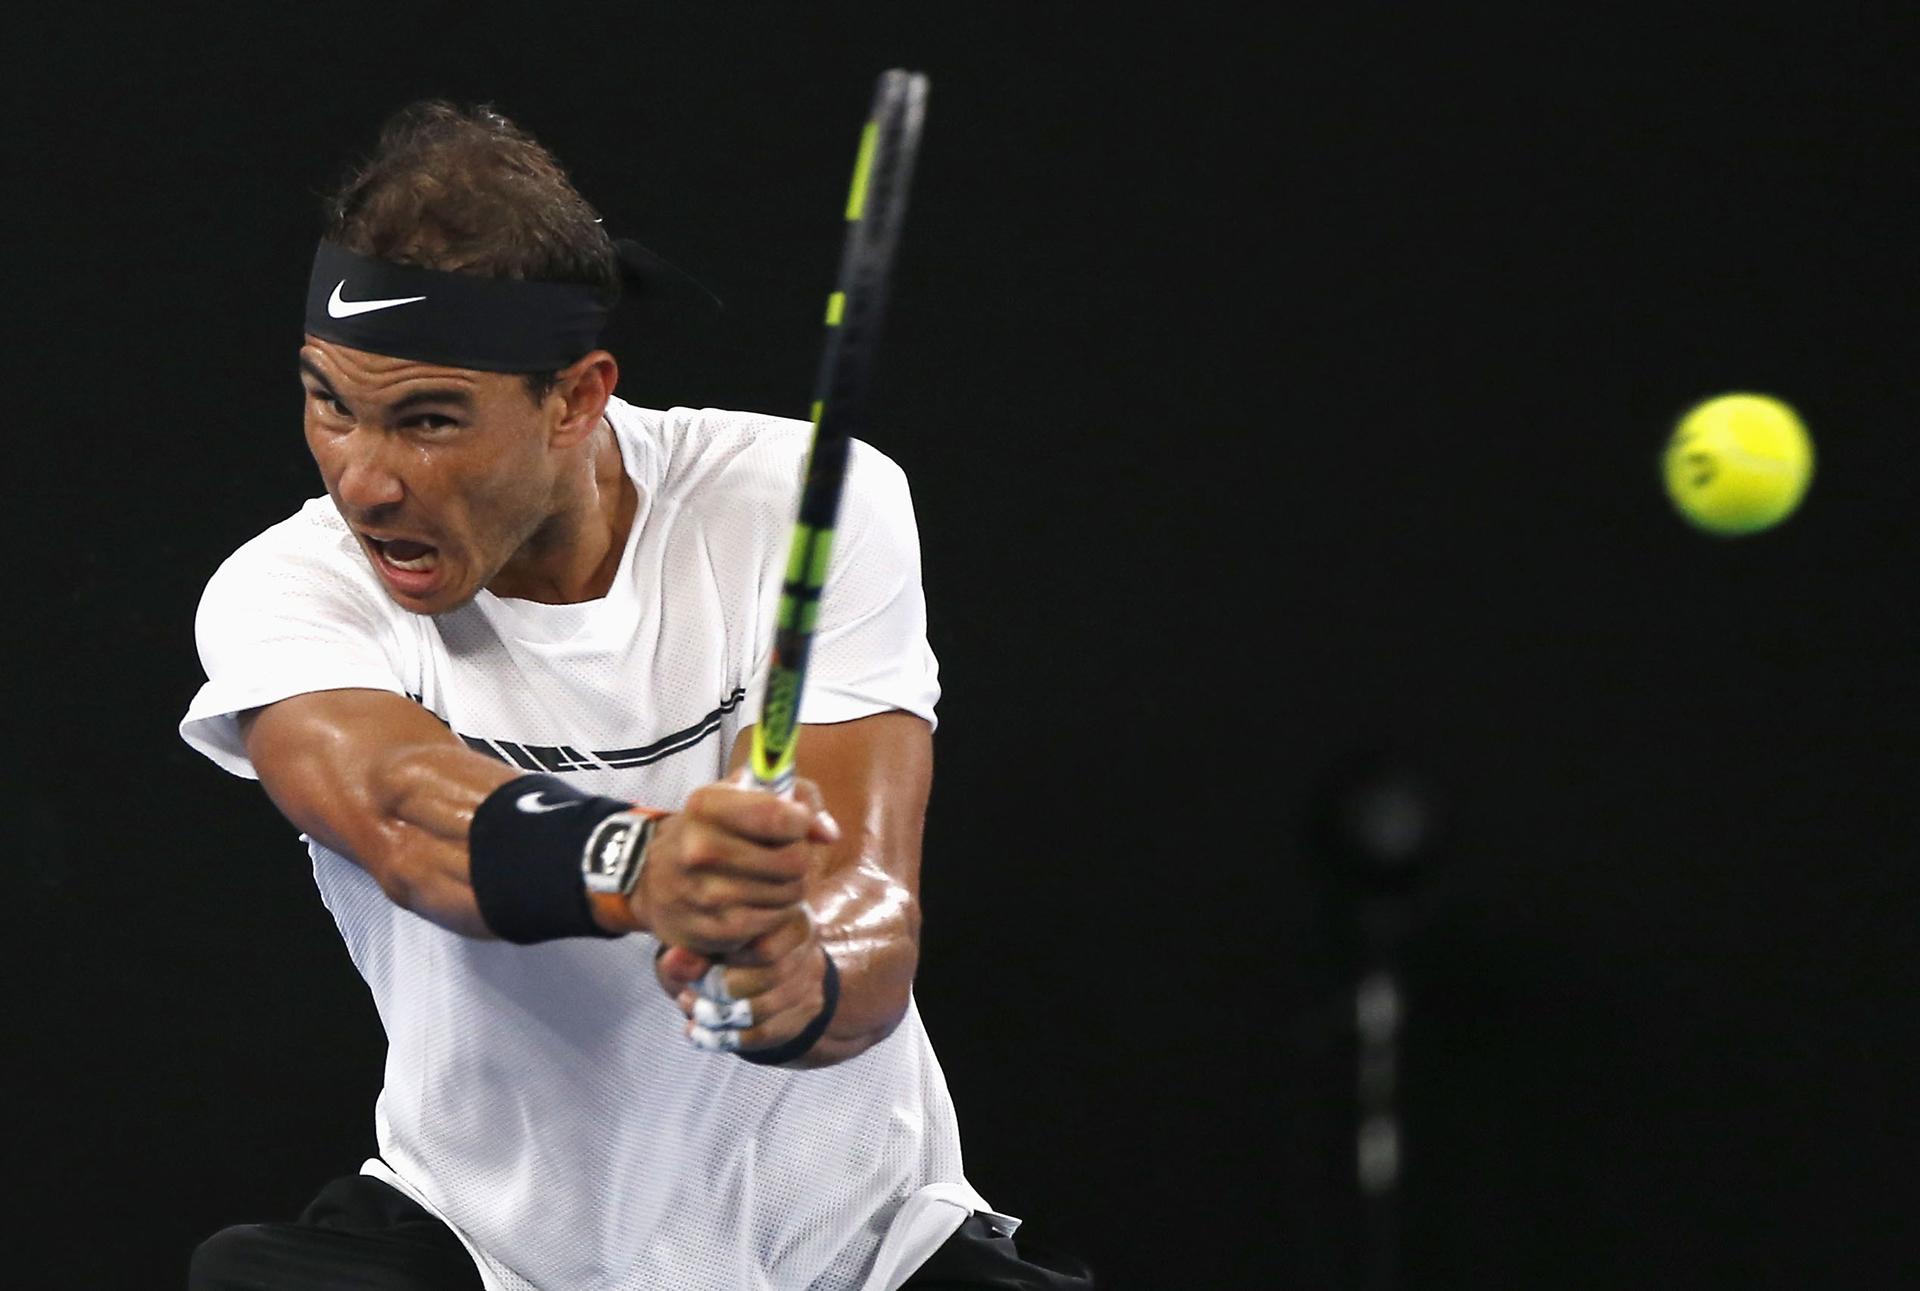 Rafael Nadal consiguió el segundo y cuarto set y estiró la definición al quinto